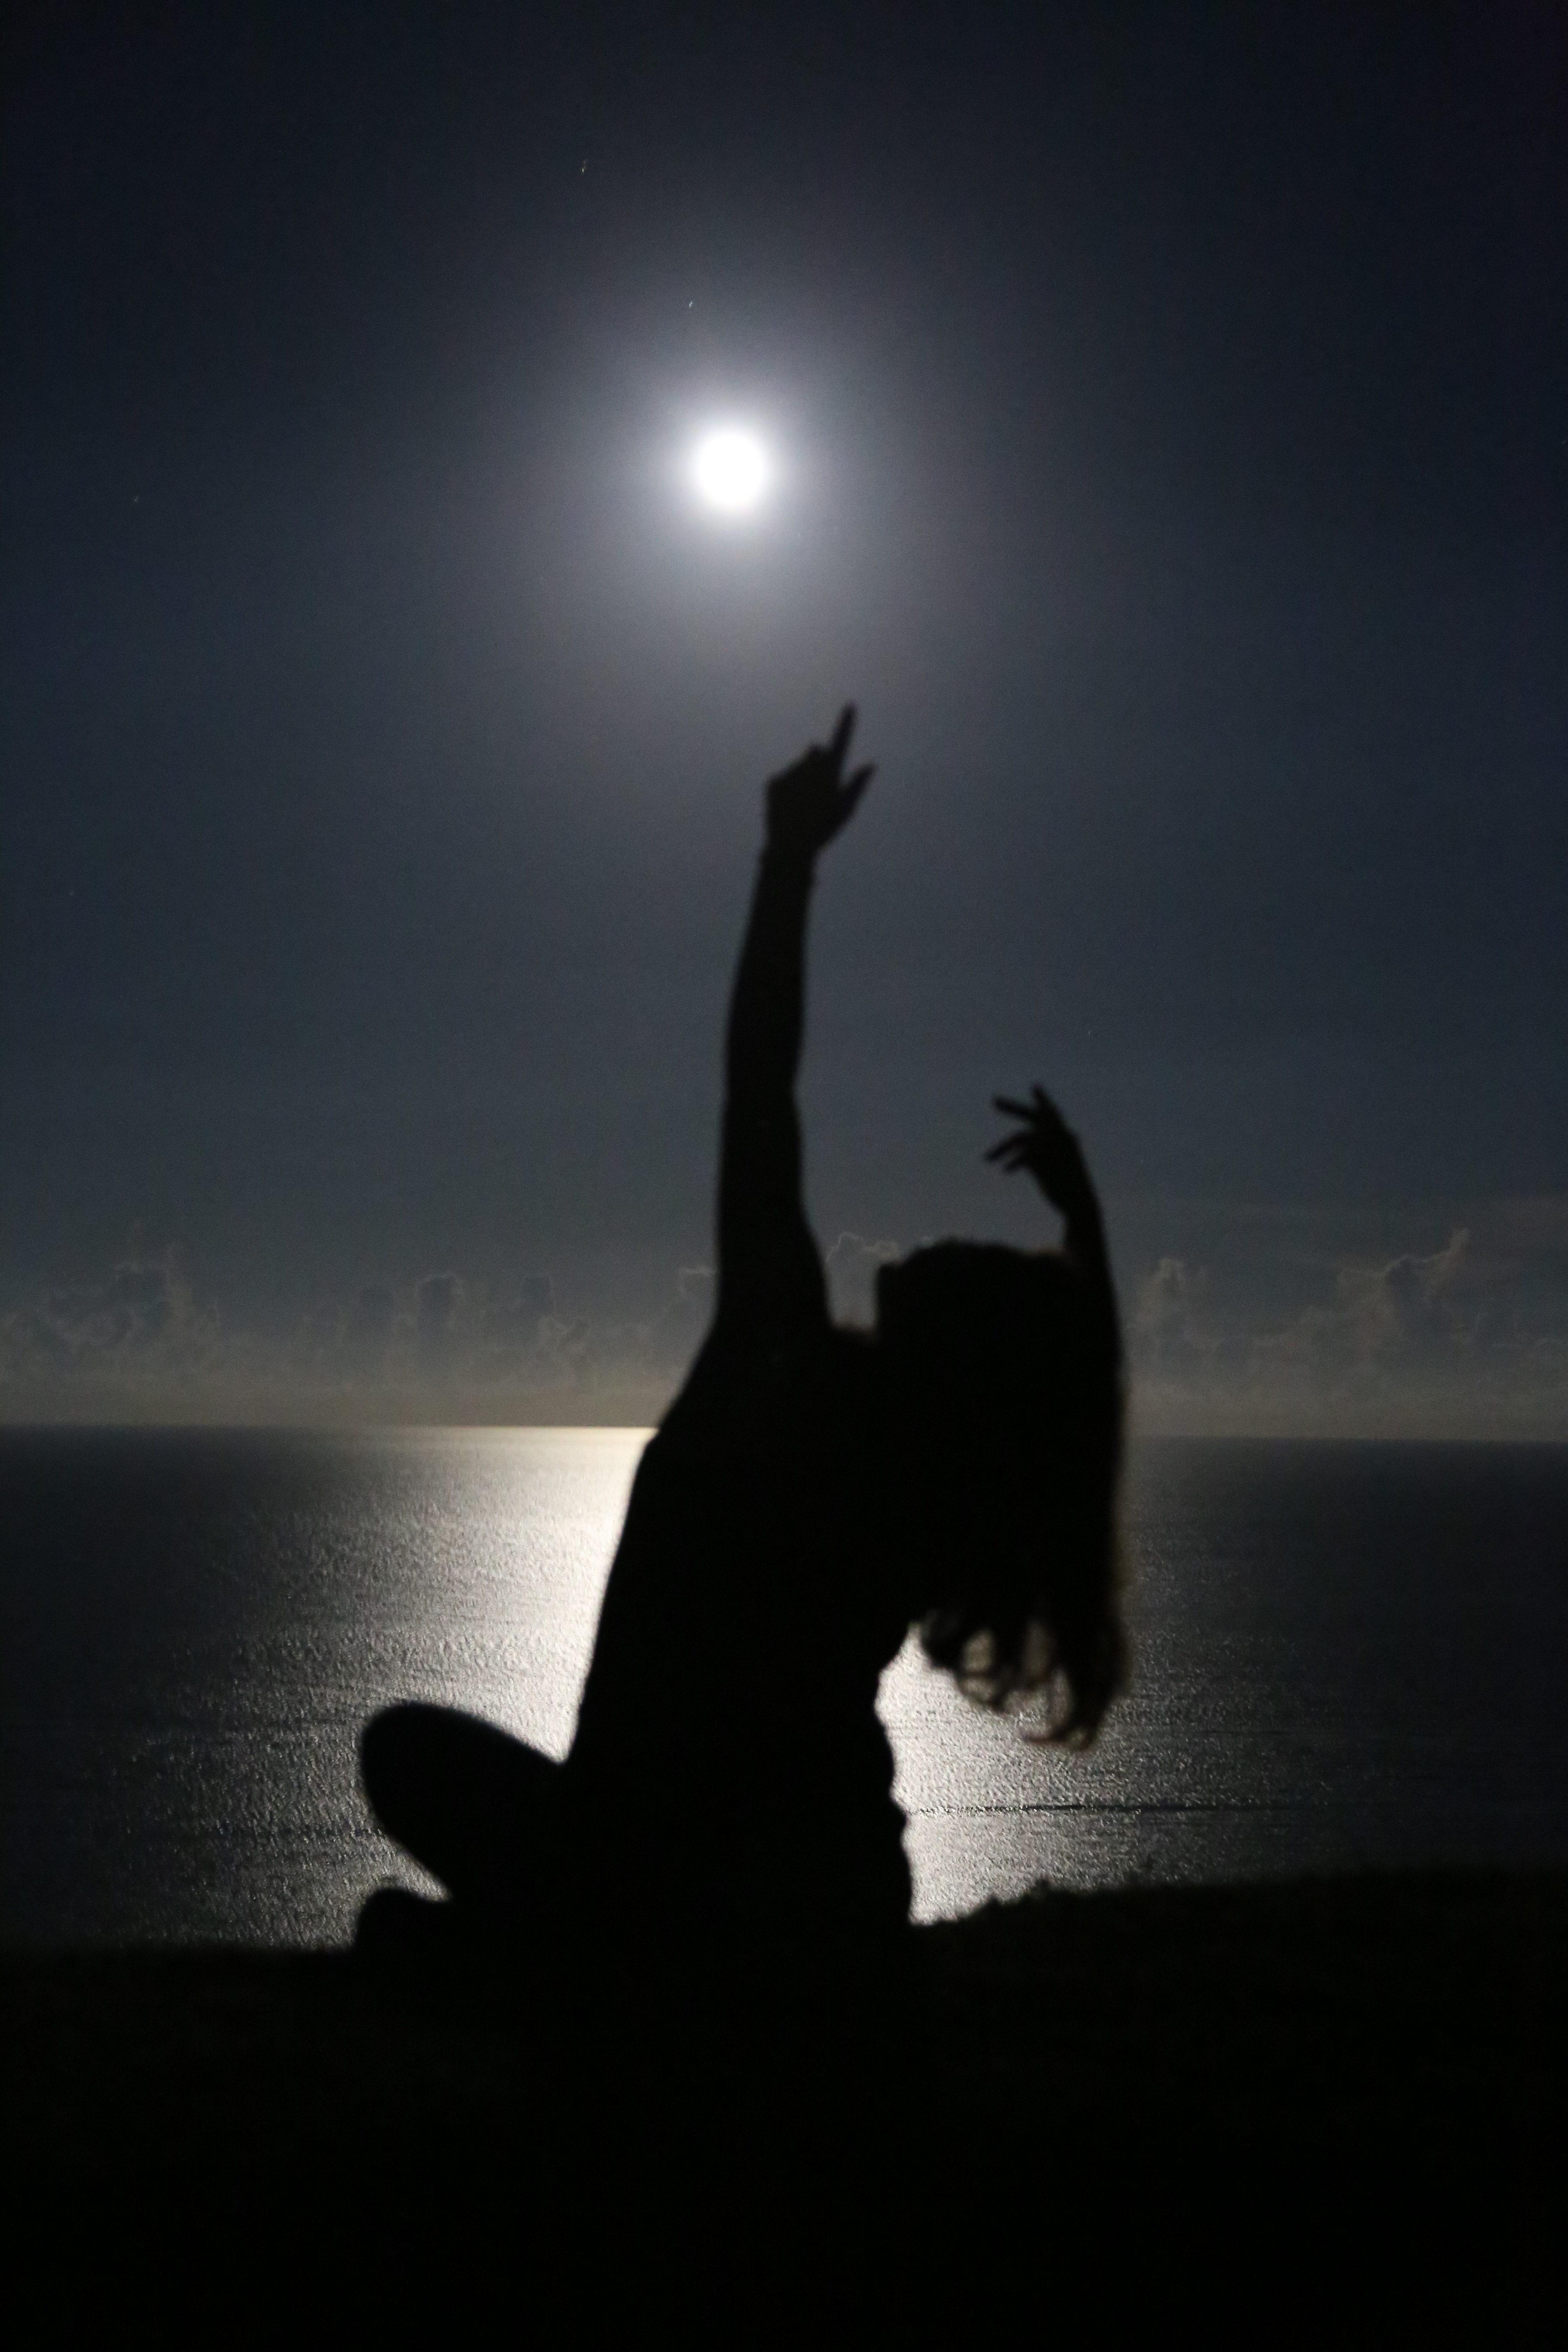 【月】石垣島で素敵な星を見る為に、おさえておきたい月夜の事!